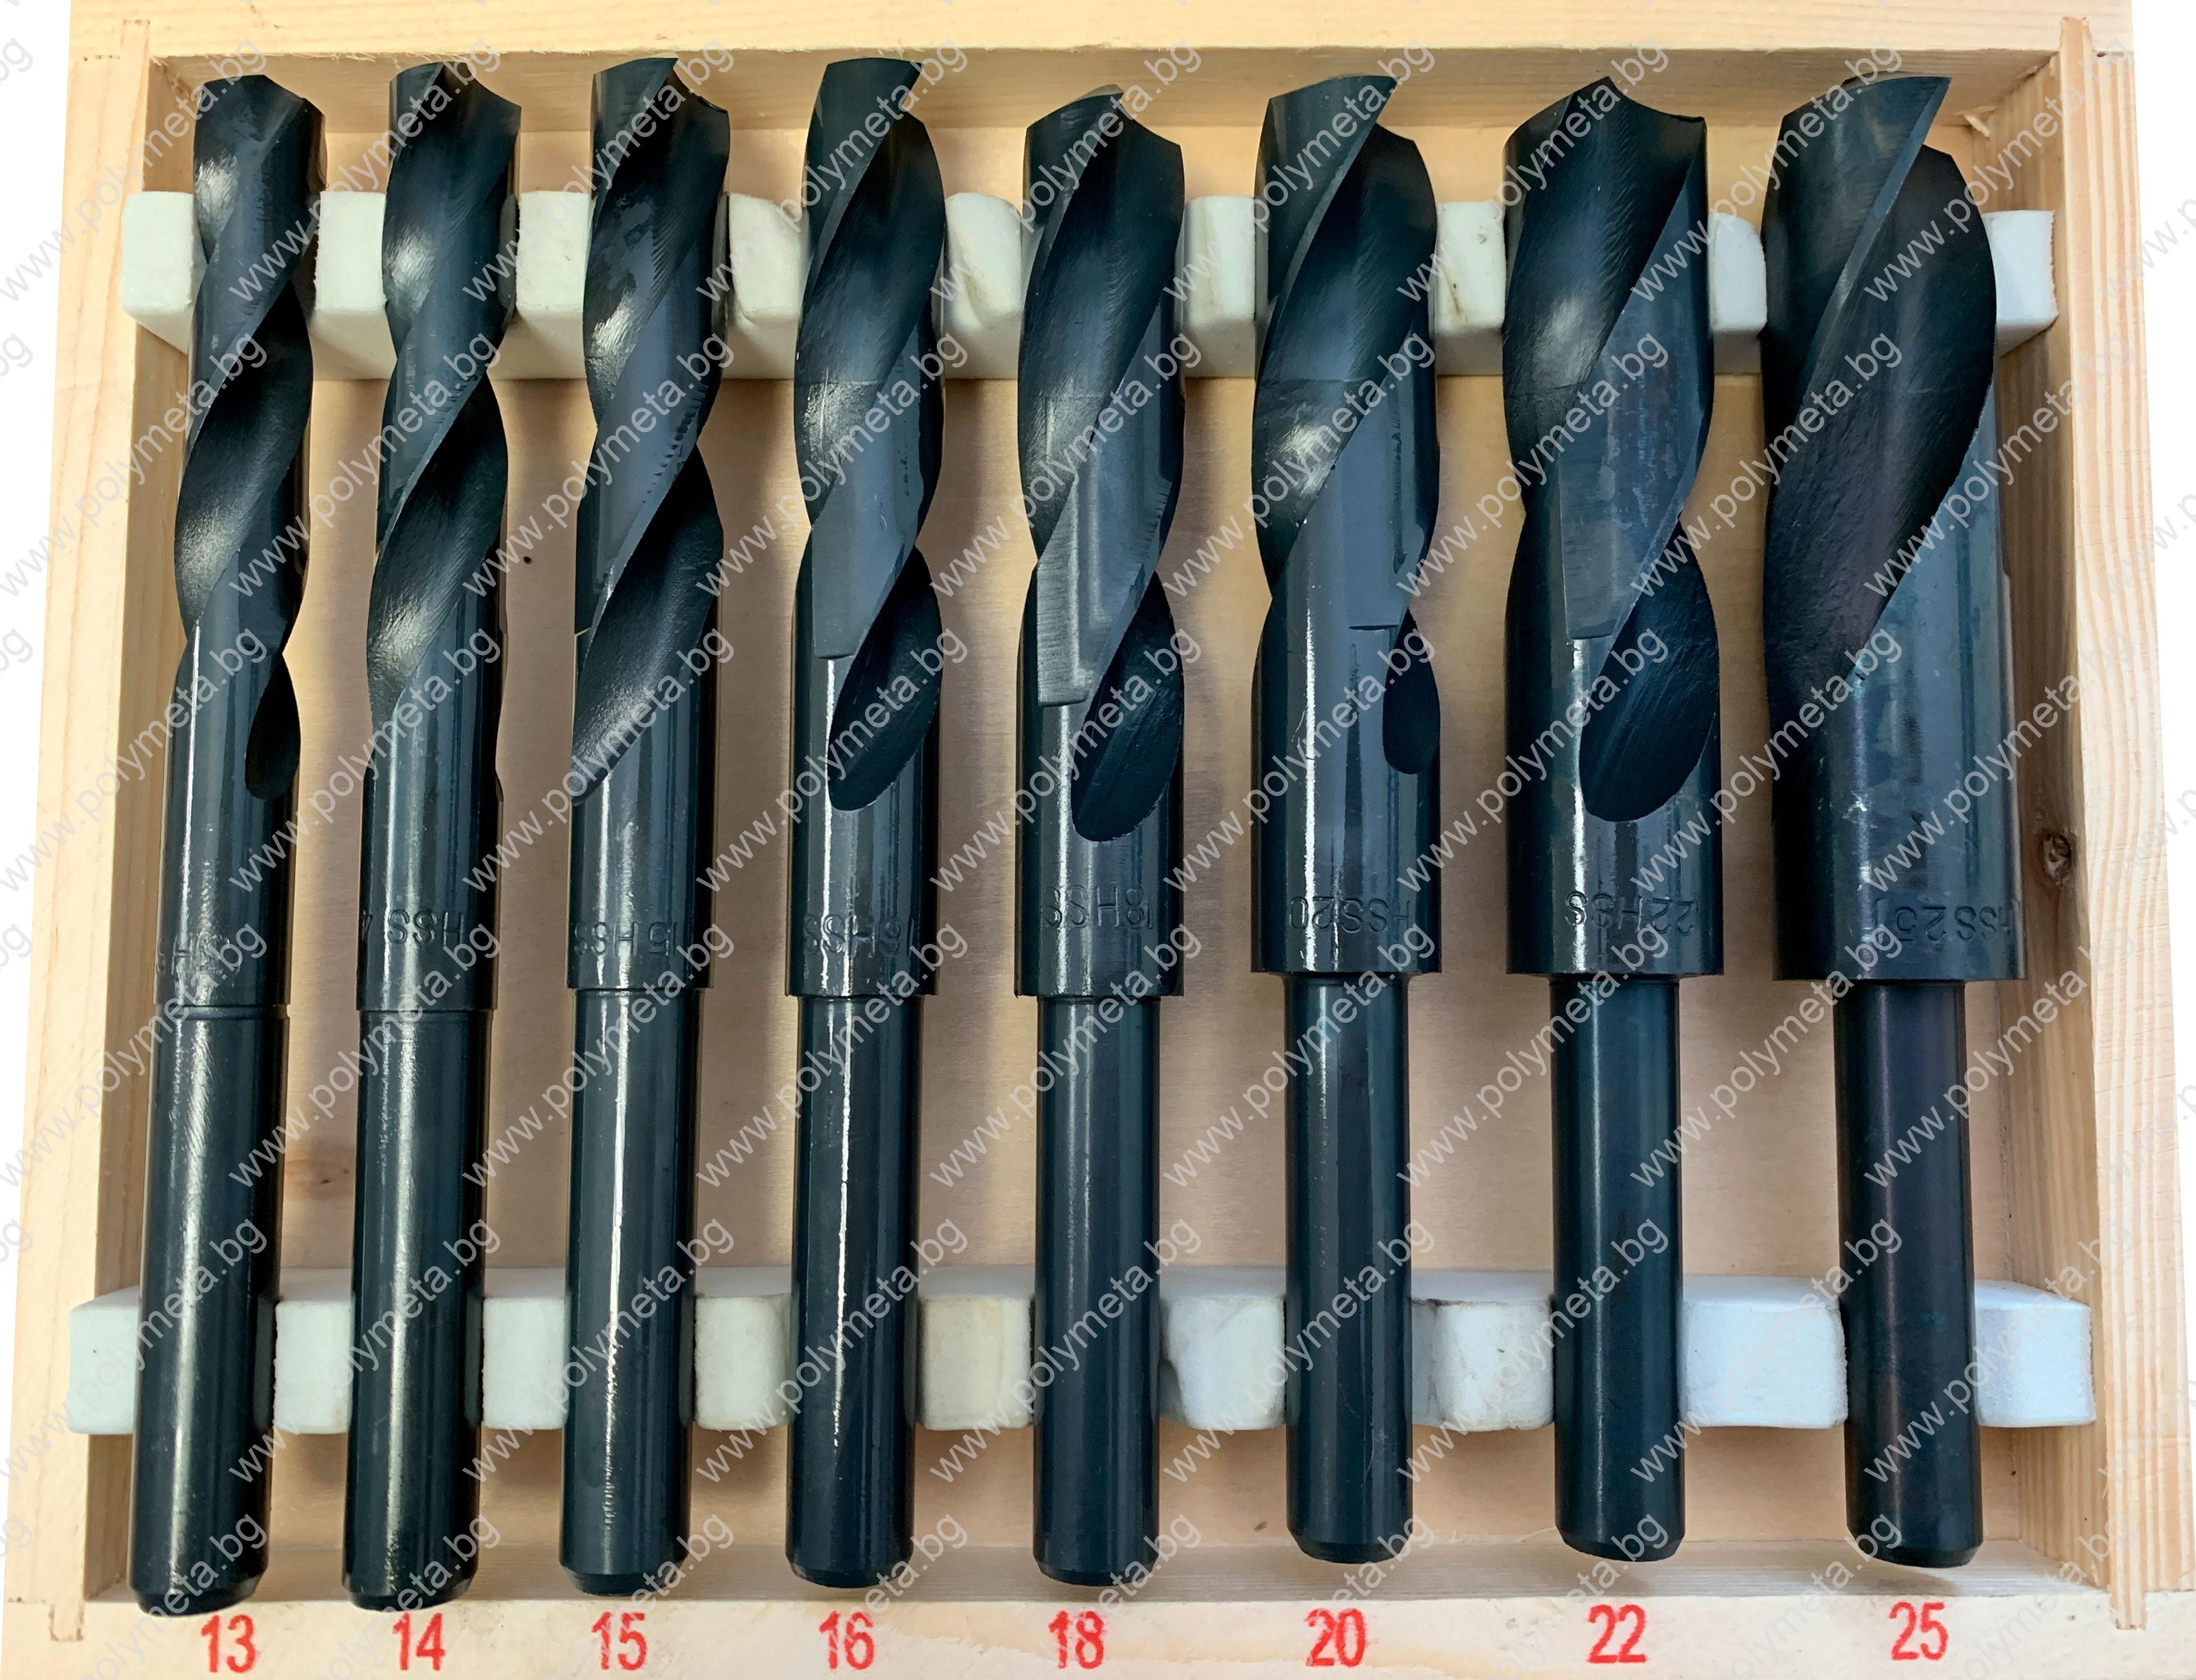 Комплект 8 бр. HSS спирални свредла с намалена опашка